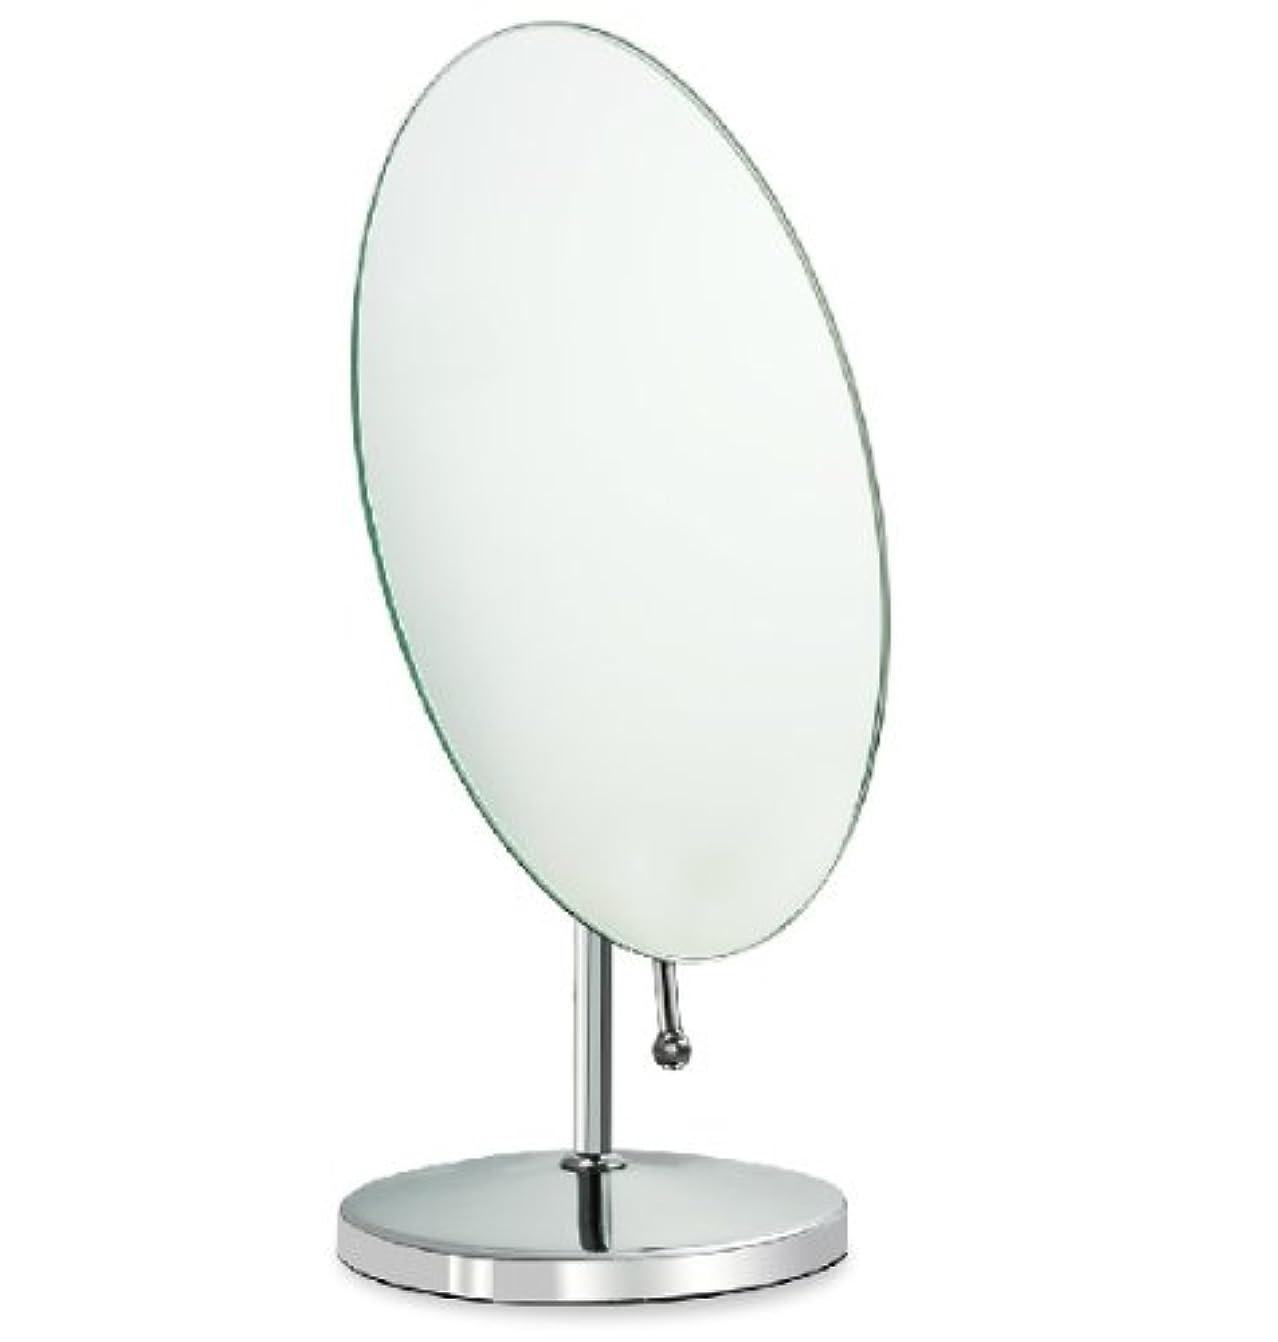 ニンニクスカリーゴール鏡 卓上鏡 化粧鏡 スタンドミラー 全方向可動式 取っ手付き鏡 大きめな楕円形